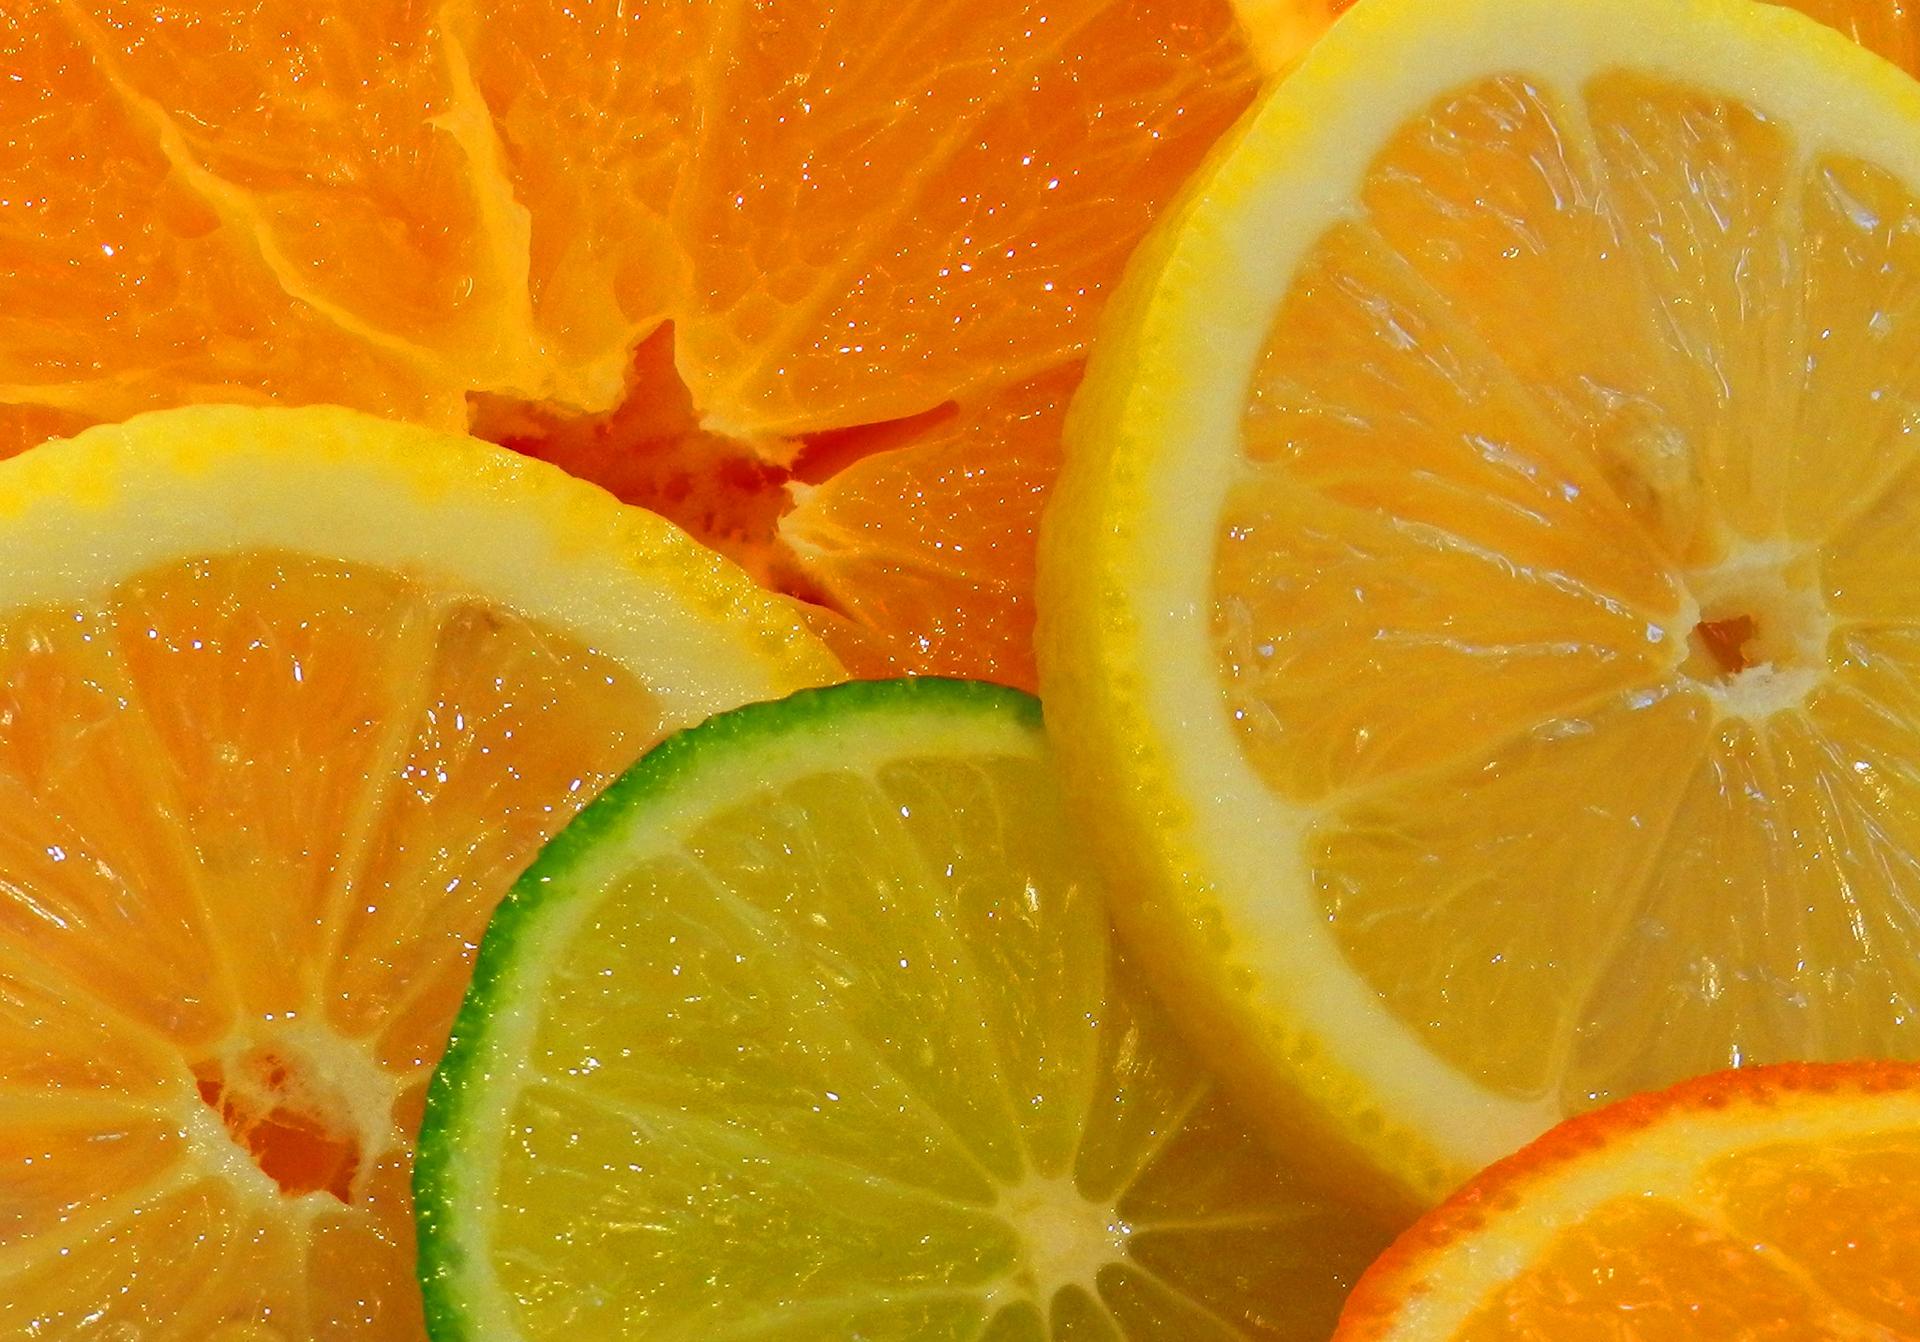 Обои для рабочего стола лимон лайм